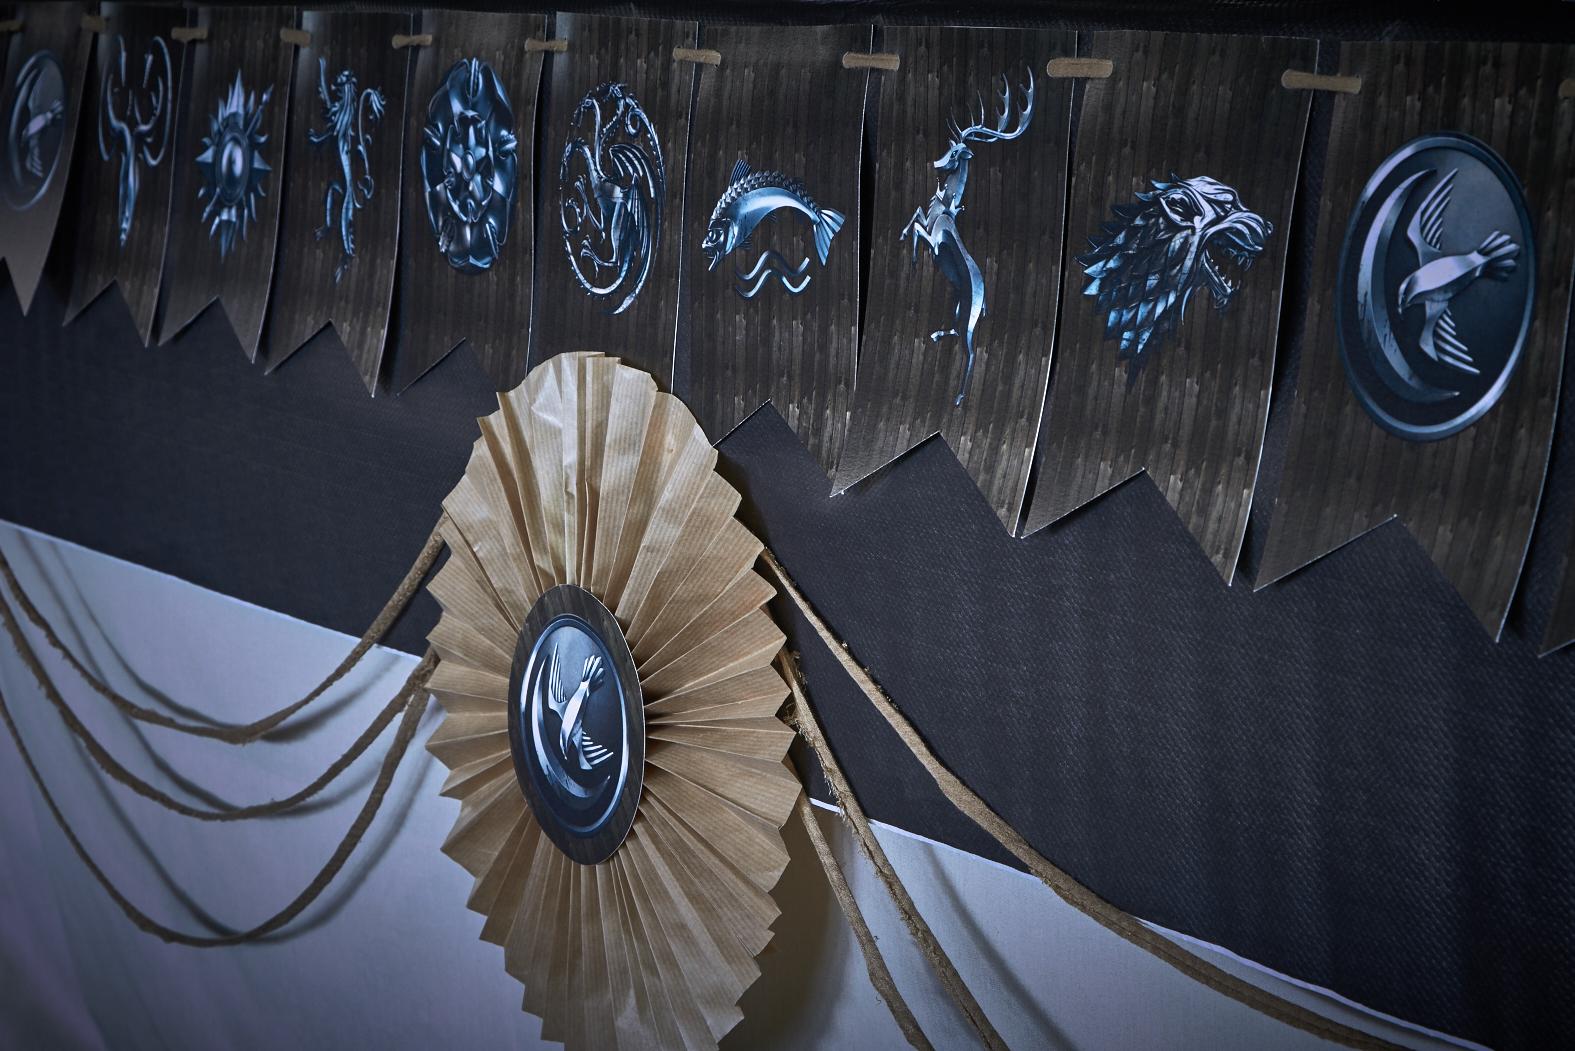 Mesa de chuches celebralobonito banderines y decoraci n for Decoracion juego de tronos